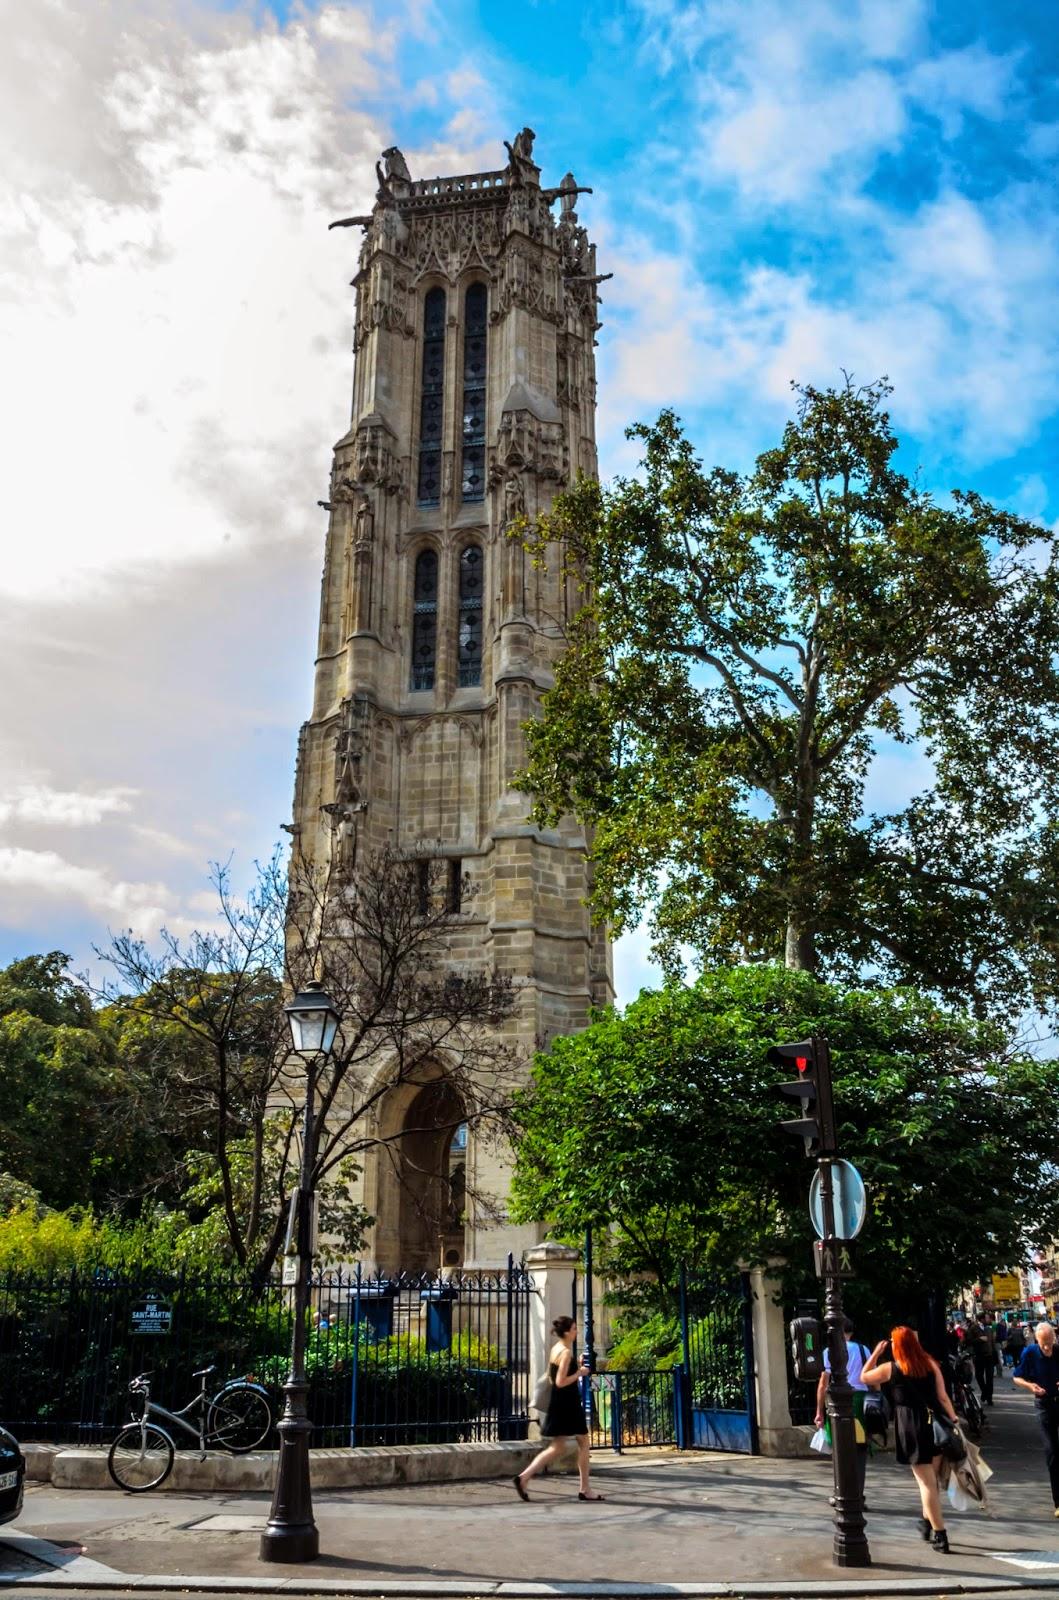 Fotografia torre em praça de Paris